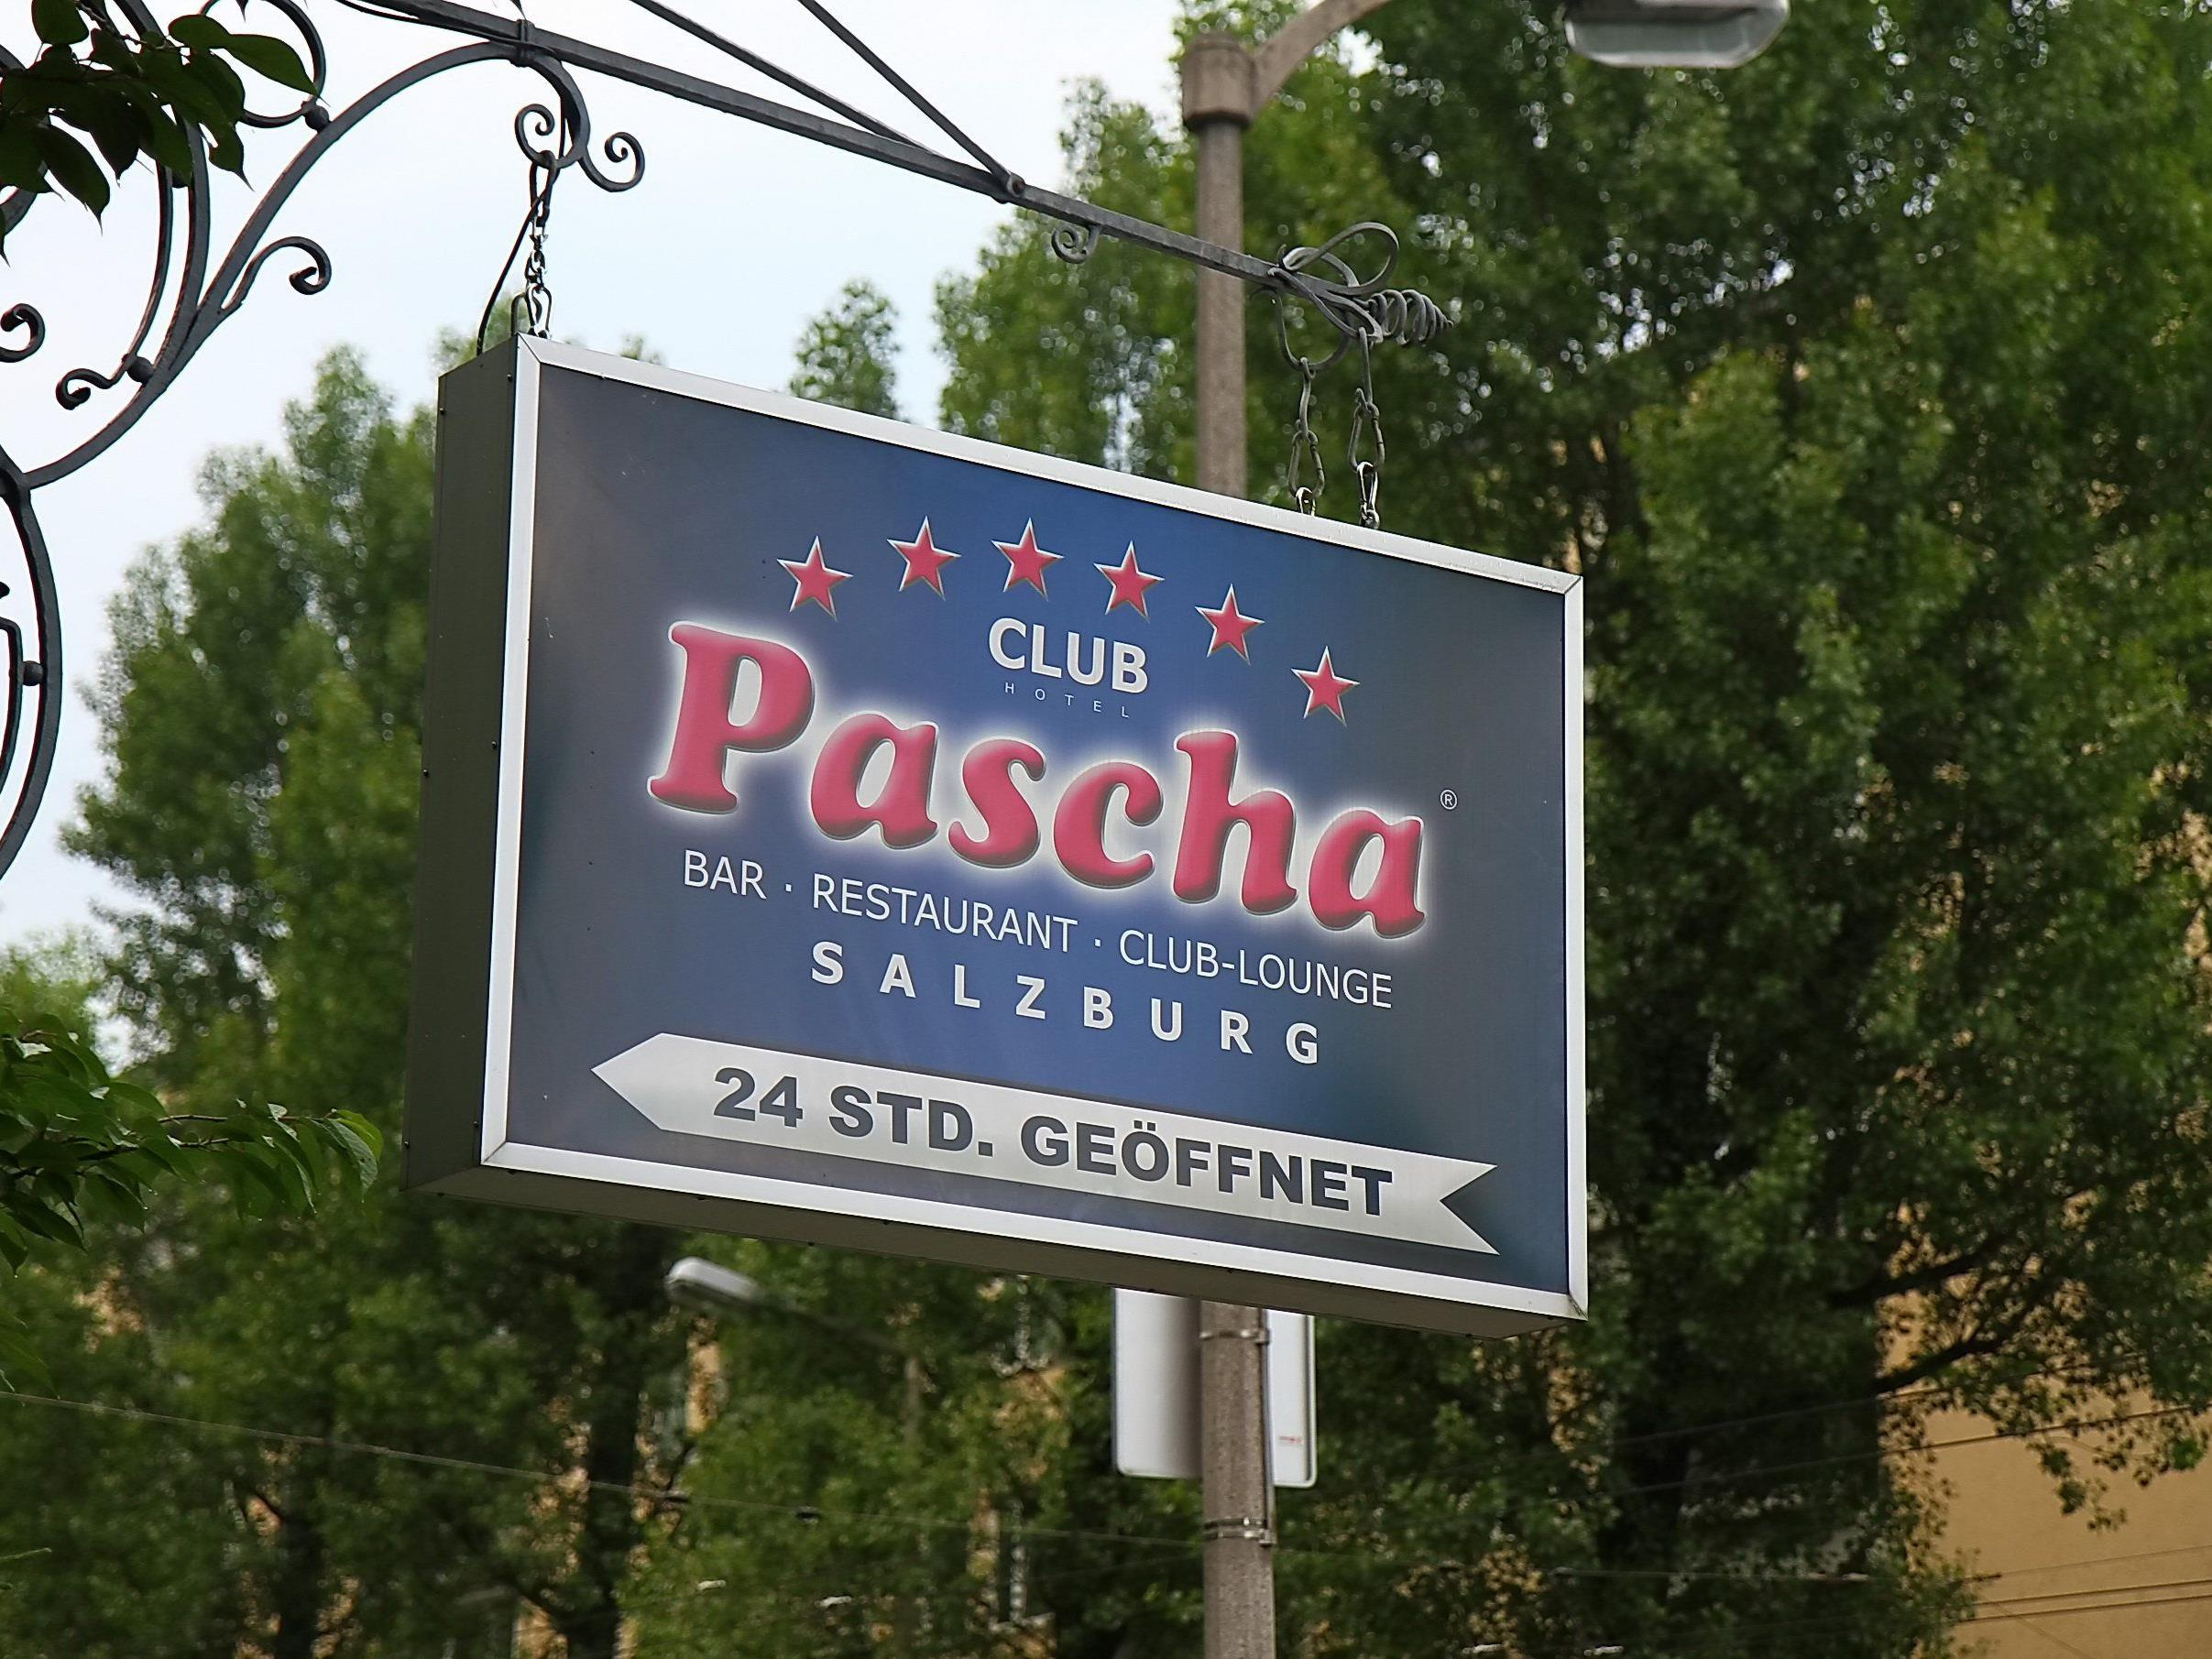 Das Pascha in Salzburg wurde im Juni an einen neuen Pächter übergeben.